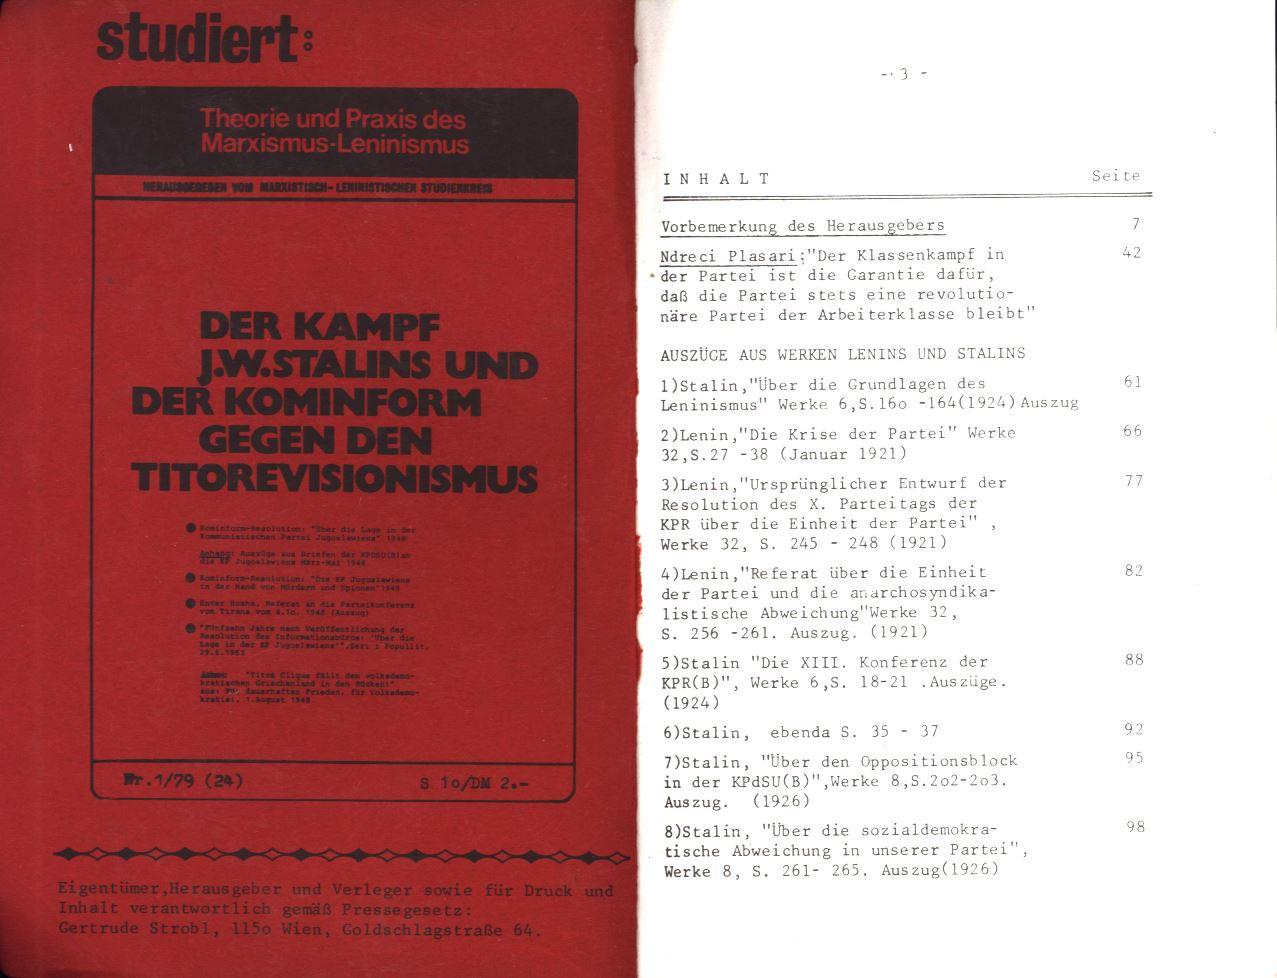 MLSK_Theorie_und_Praxis_des_ML_1979_25_02